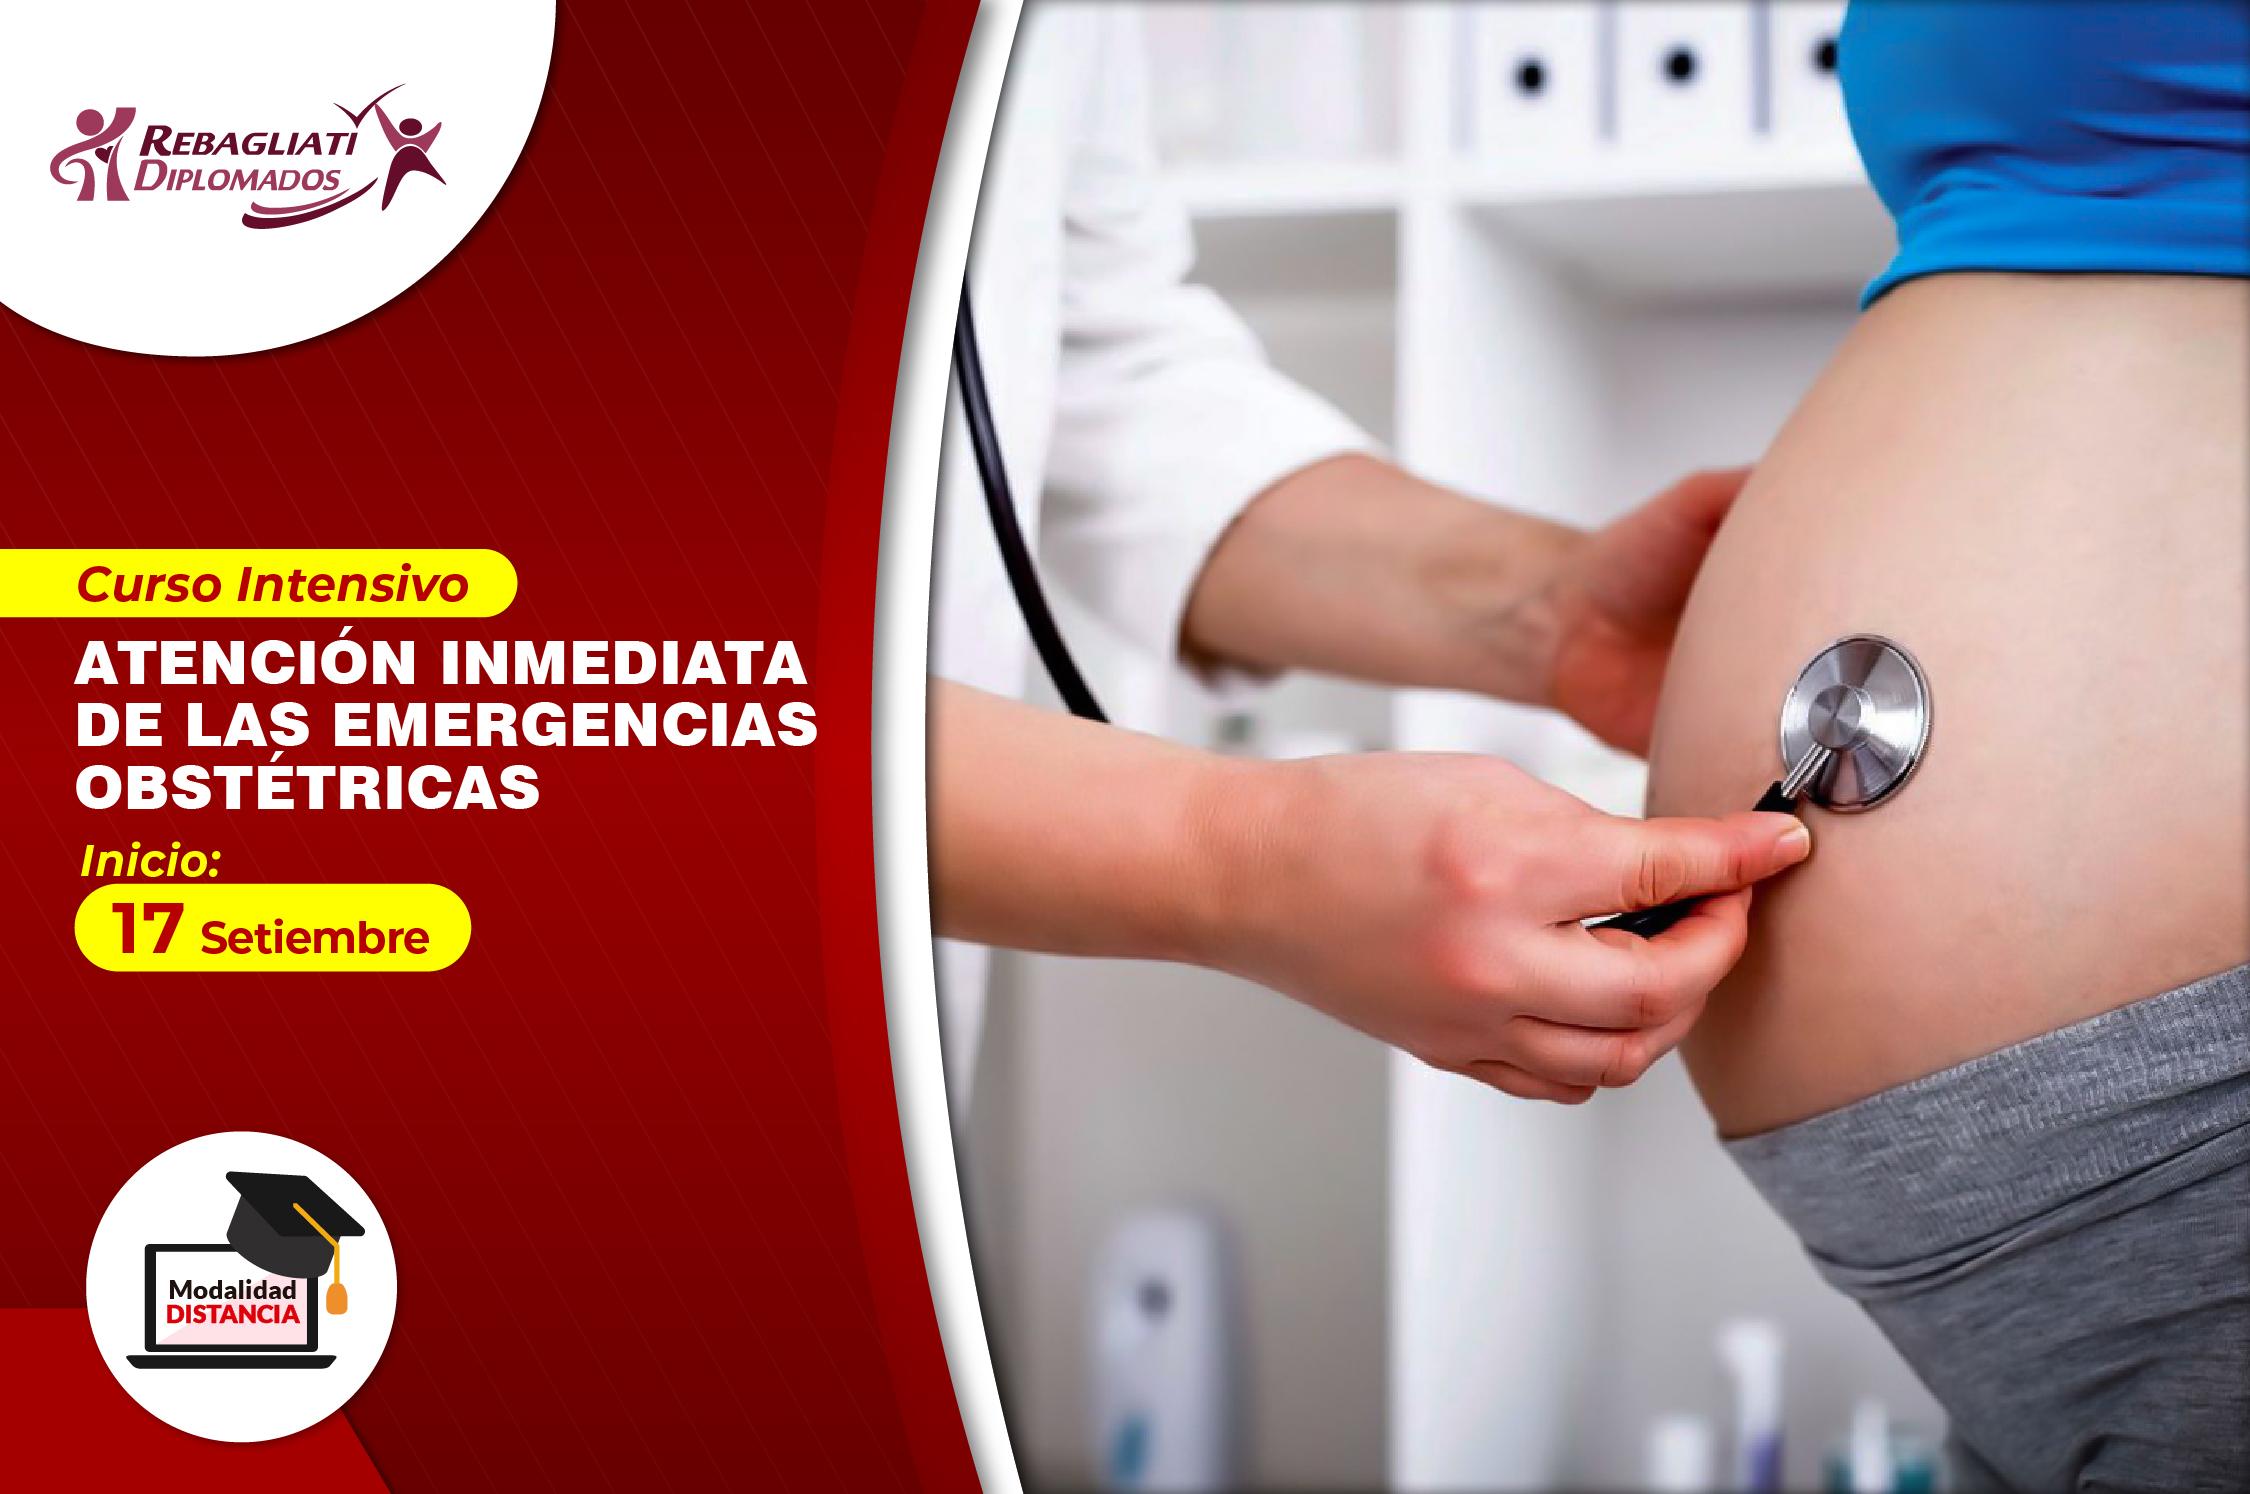 C. INTENSIVO ATENCIÓN INMEDIATA DE LAS EMERGENCIAS OBSTÉTRICAS 17.09